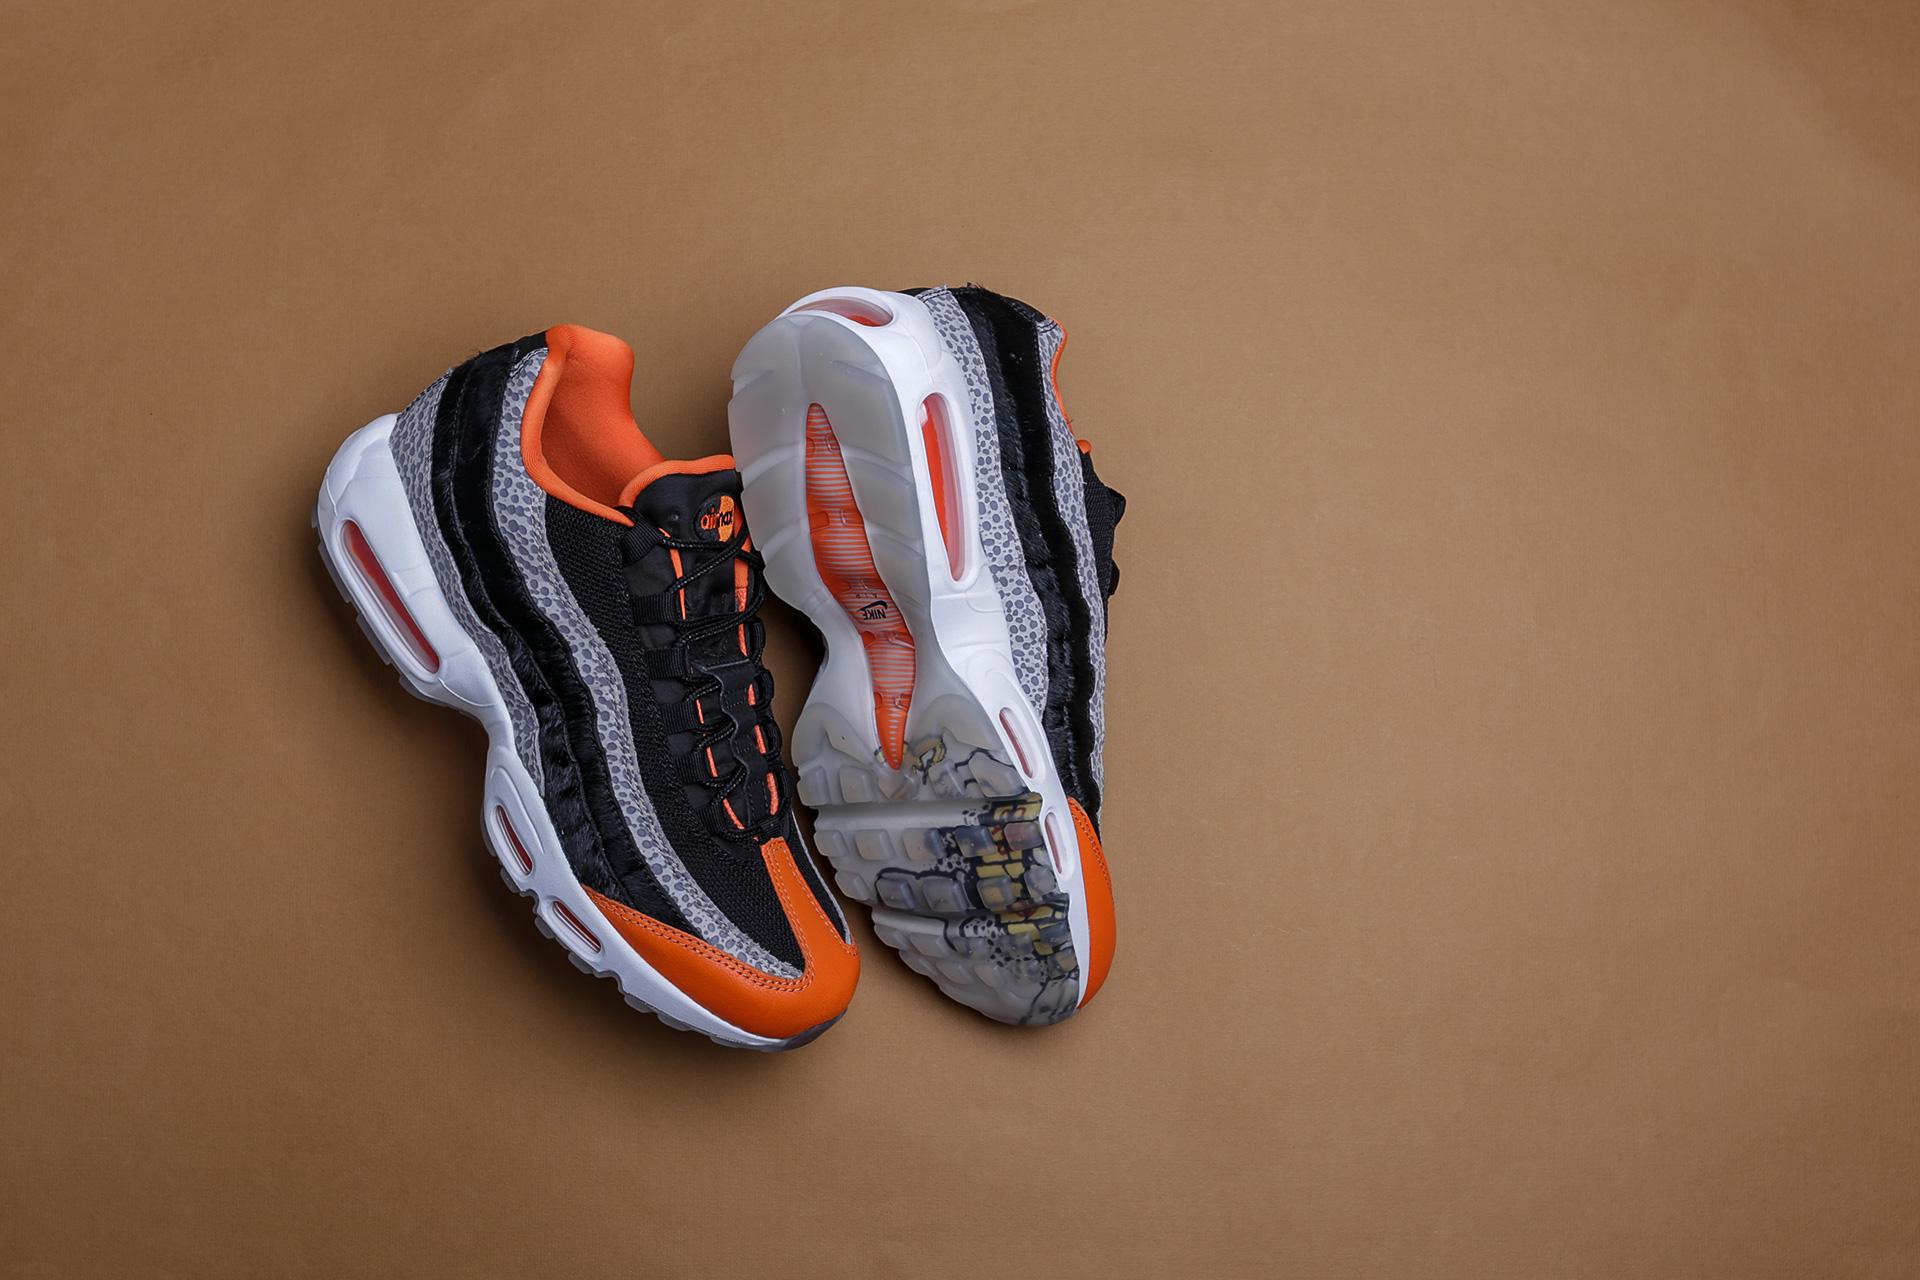 ad518e09 Купить черные мужские кроссовки Air Max 95 от Nike (AV7014-002) по ...